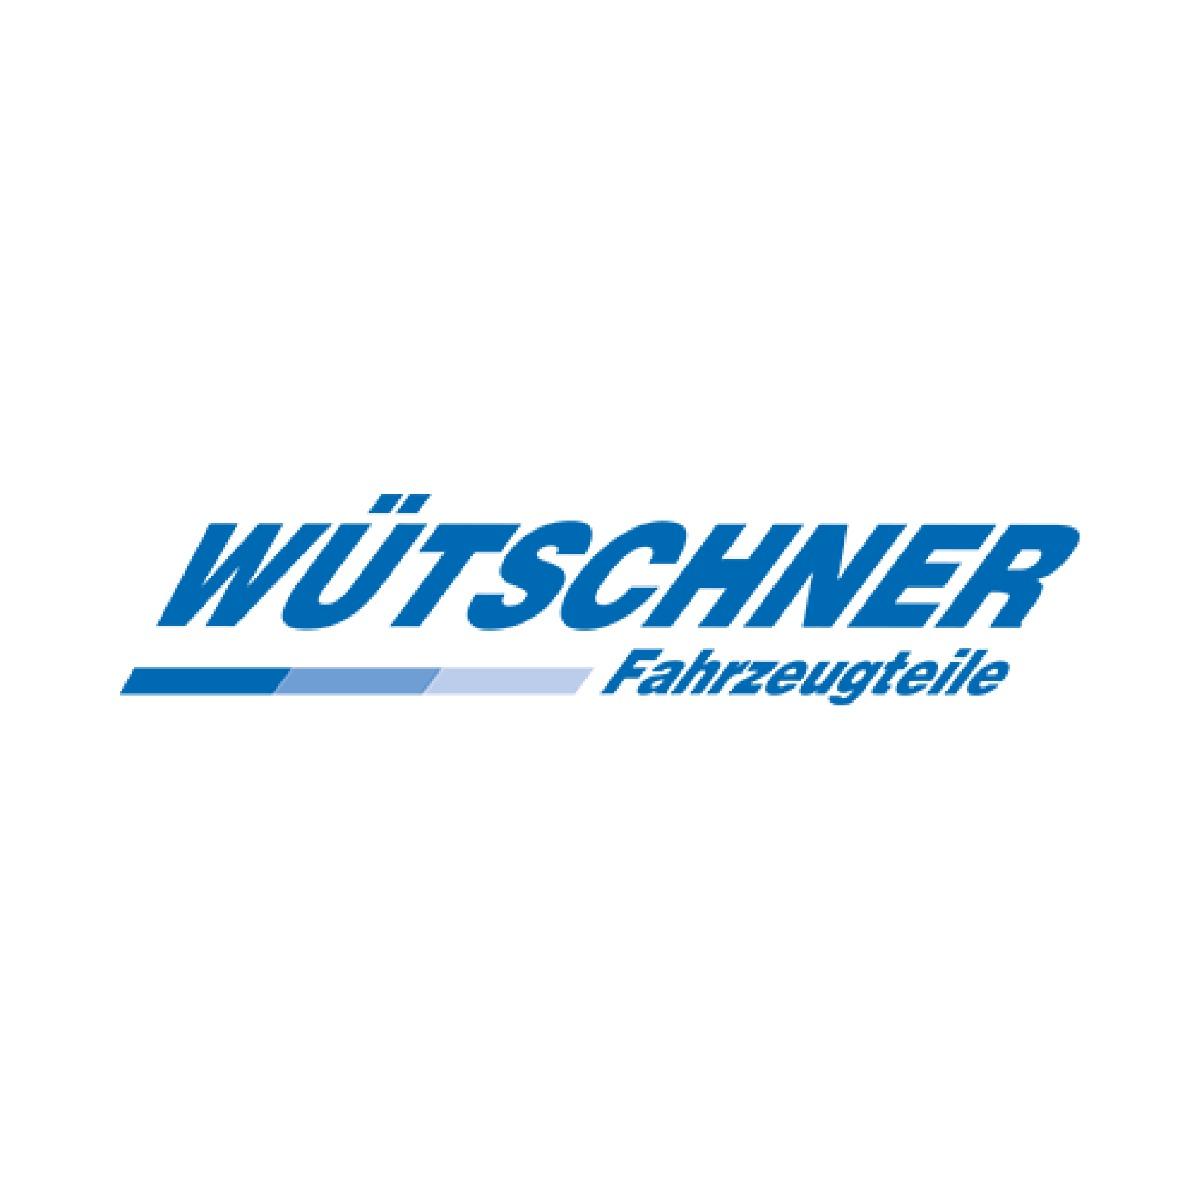 Wütschner Fahrzeugteile GmbH